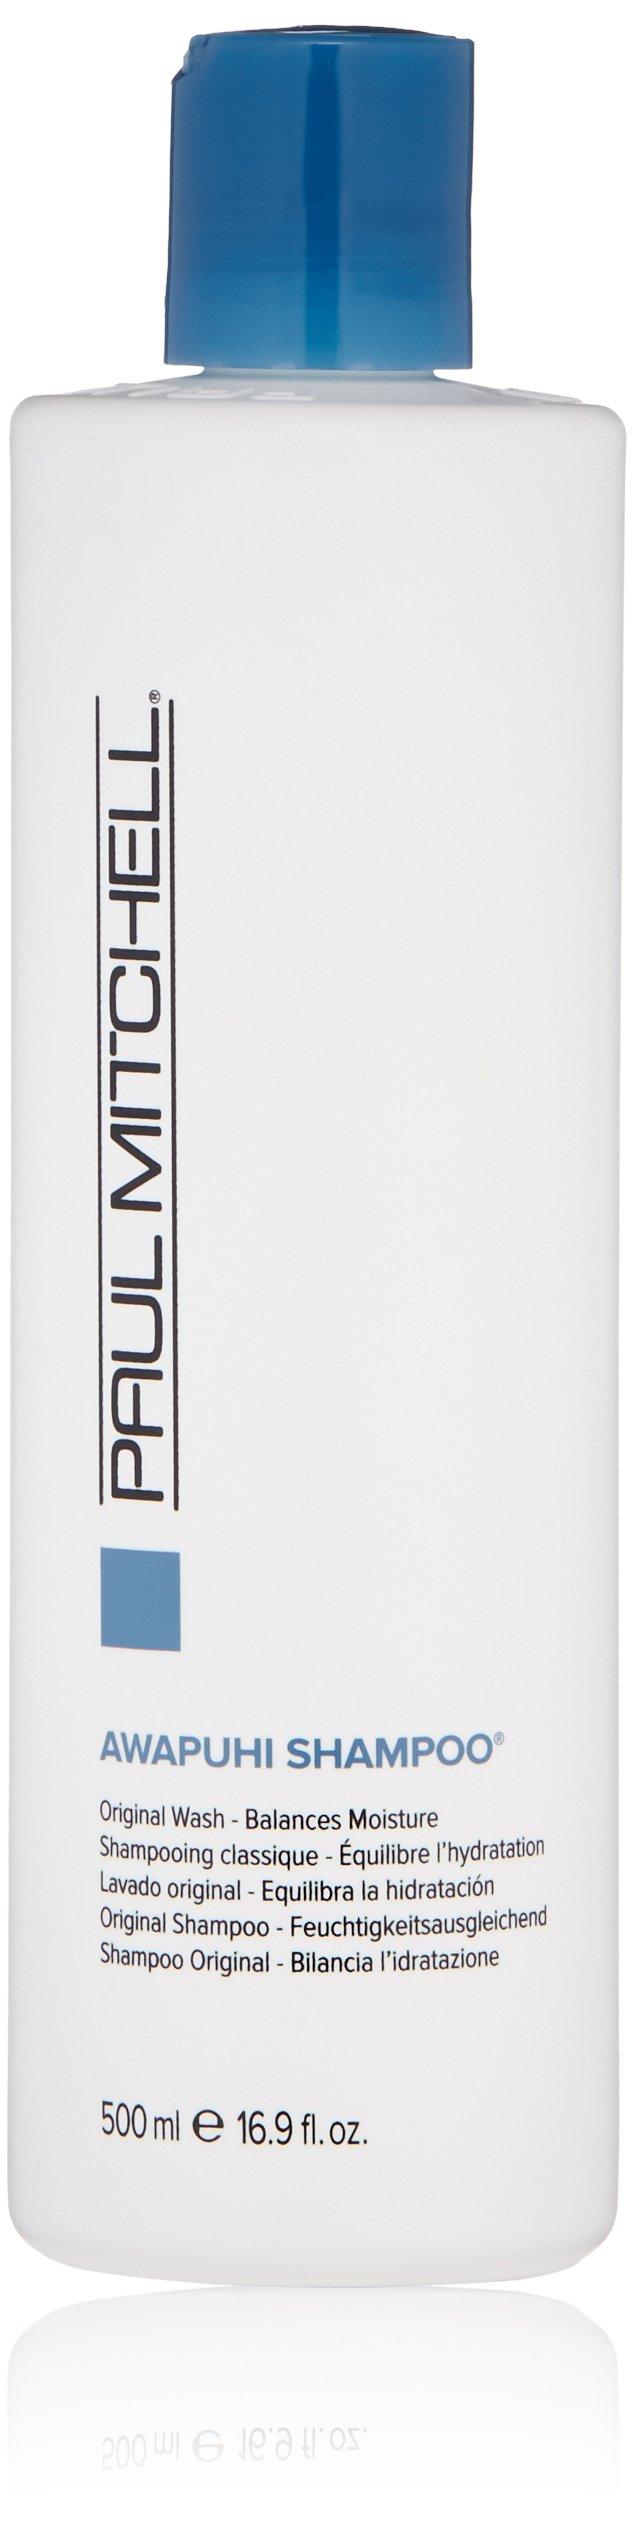 Paul Mitchell Awapuhi Shampoo,16.9 Fl Oz by Paul Mitchell